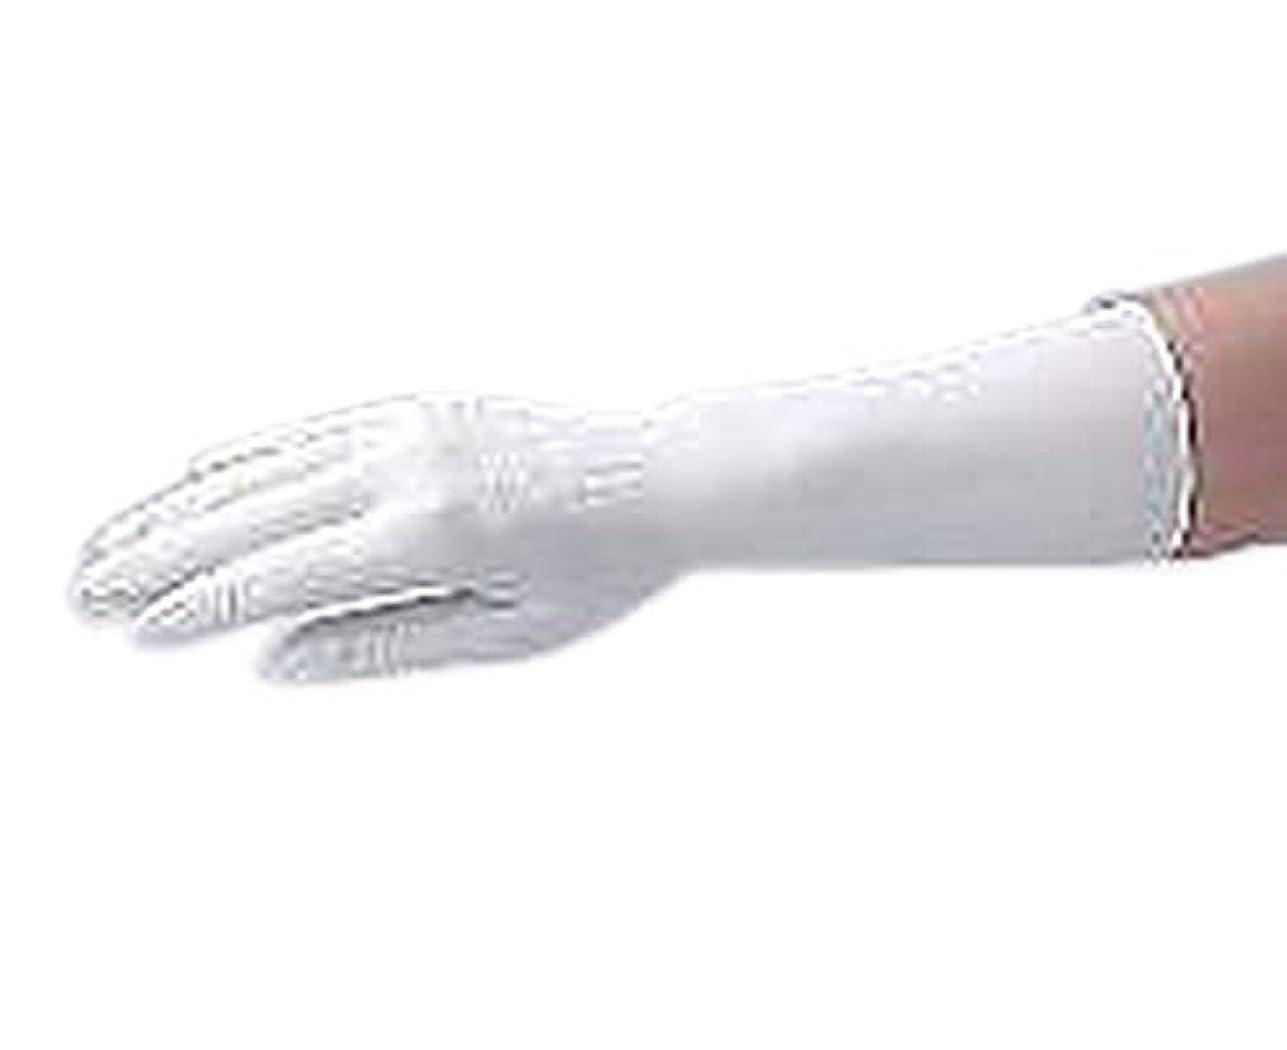 カイウス投資輸血アズワン アズピュア クリーンノール ニトリル手袋(ペアタイプ) XL 左右各100枚×5袋入 /1-2323-55